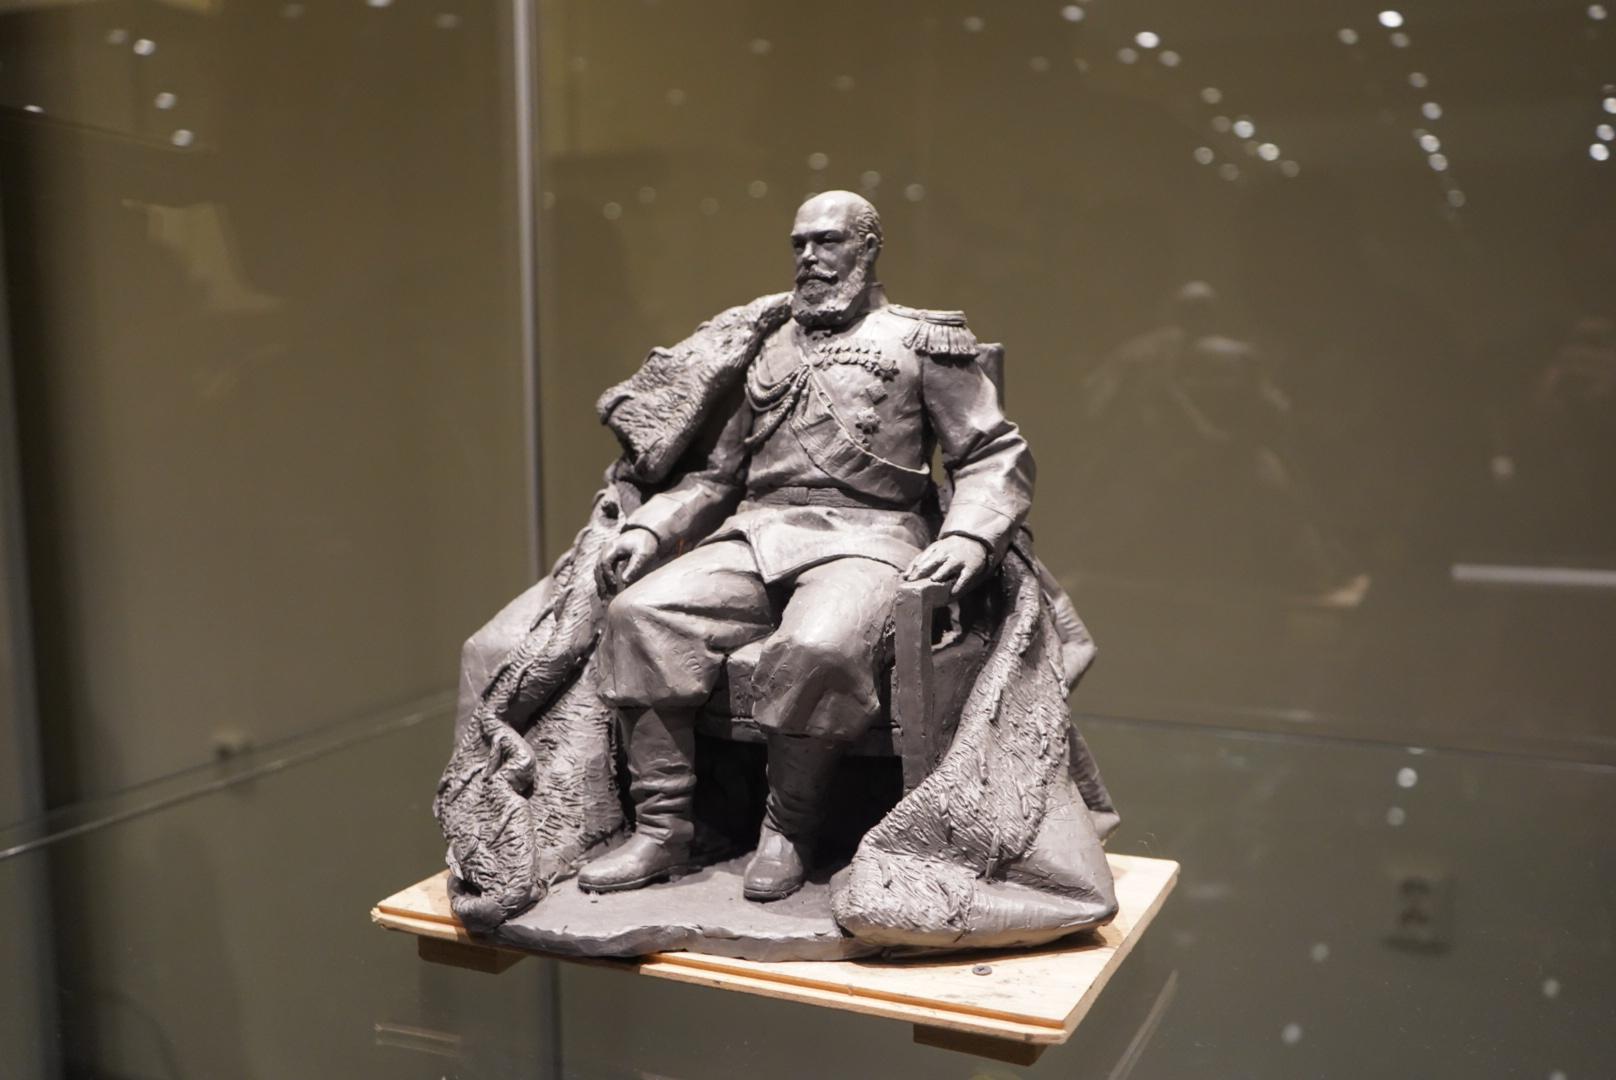 Памятник Александру III по проекту скульптора Владимира Бродарского установят в Гатчине в 2020 году